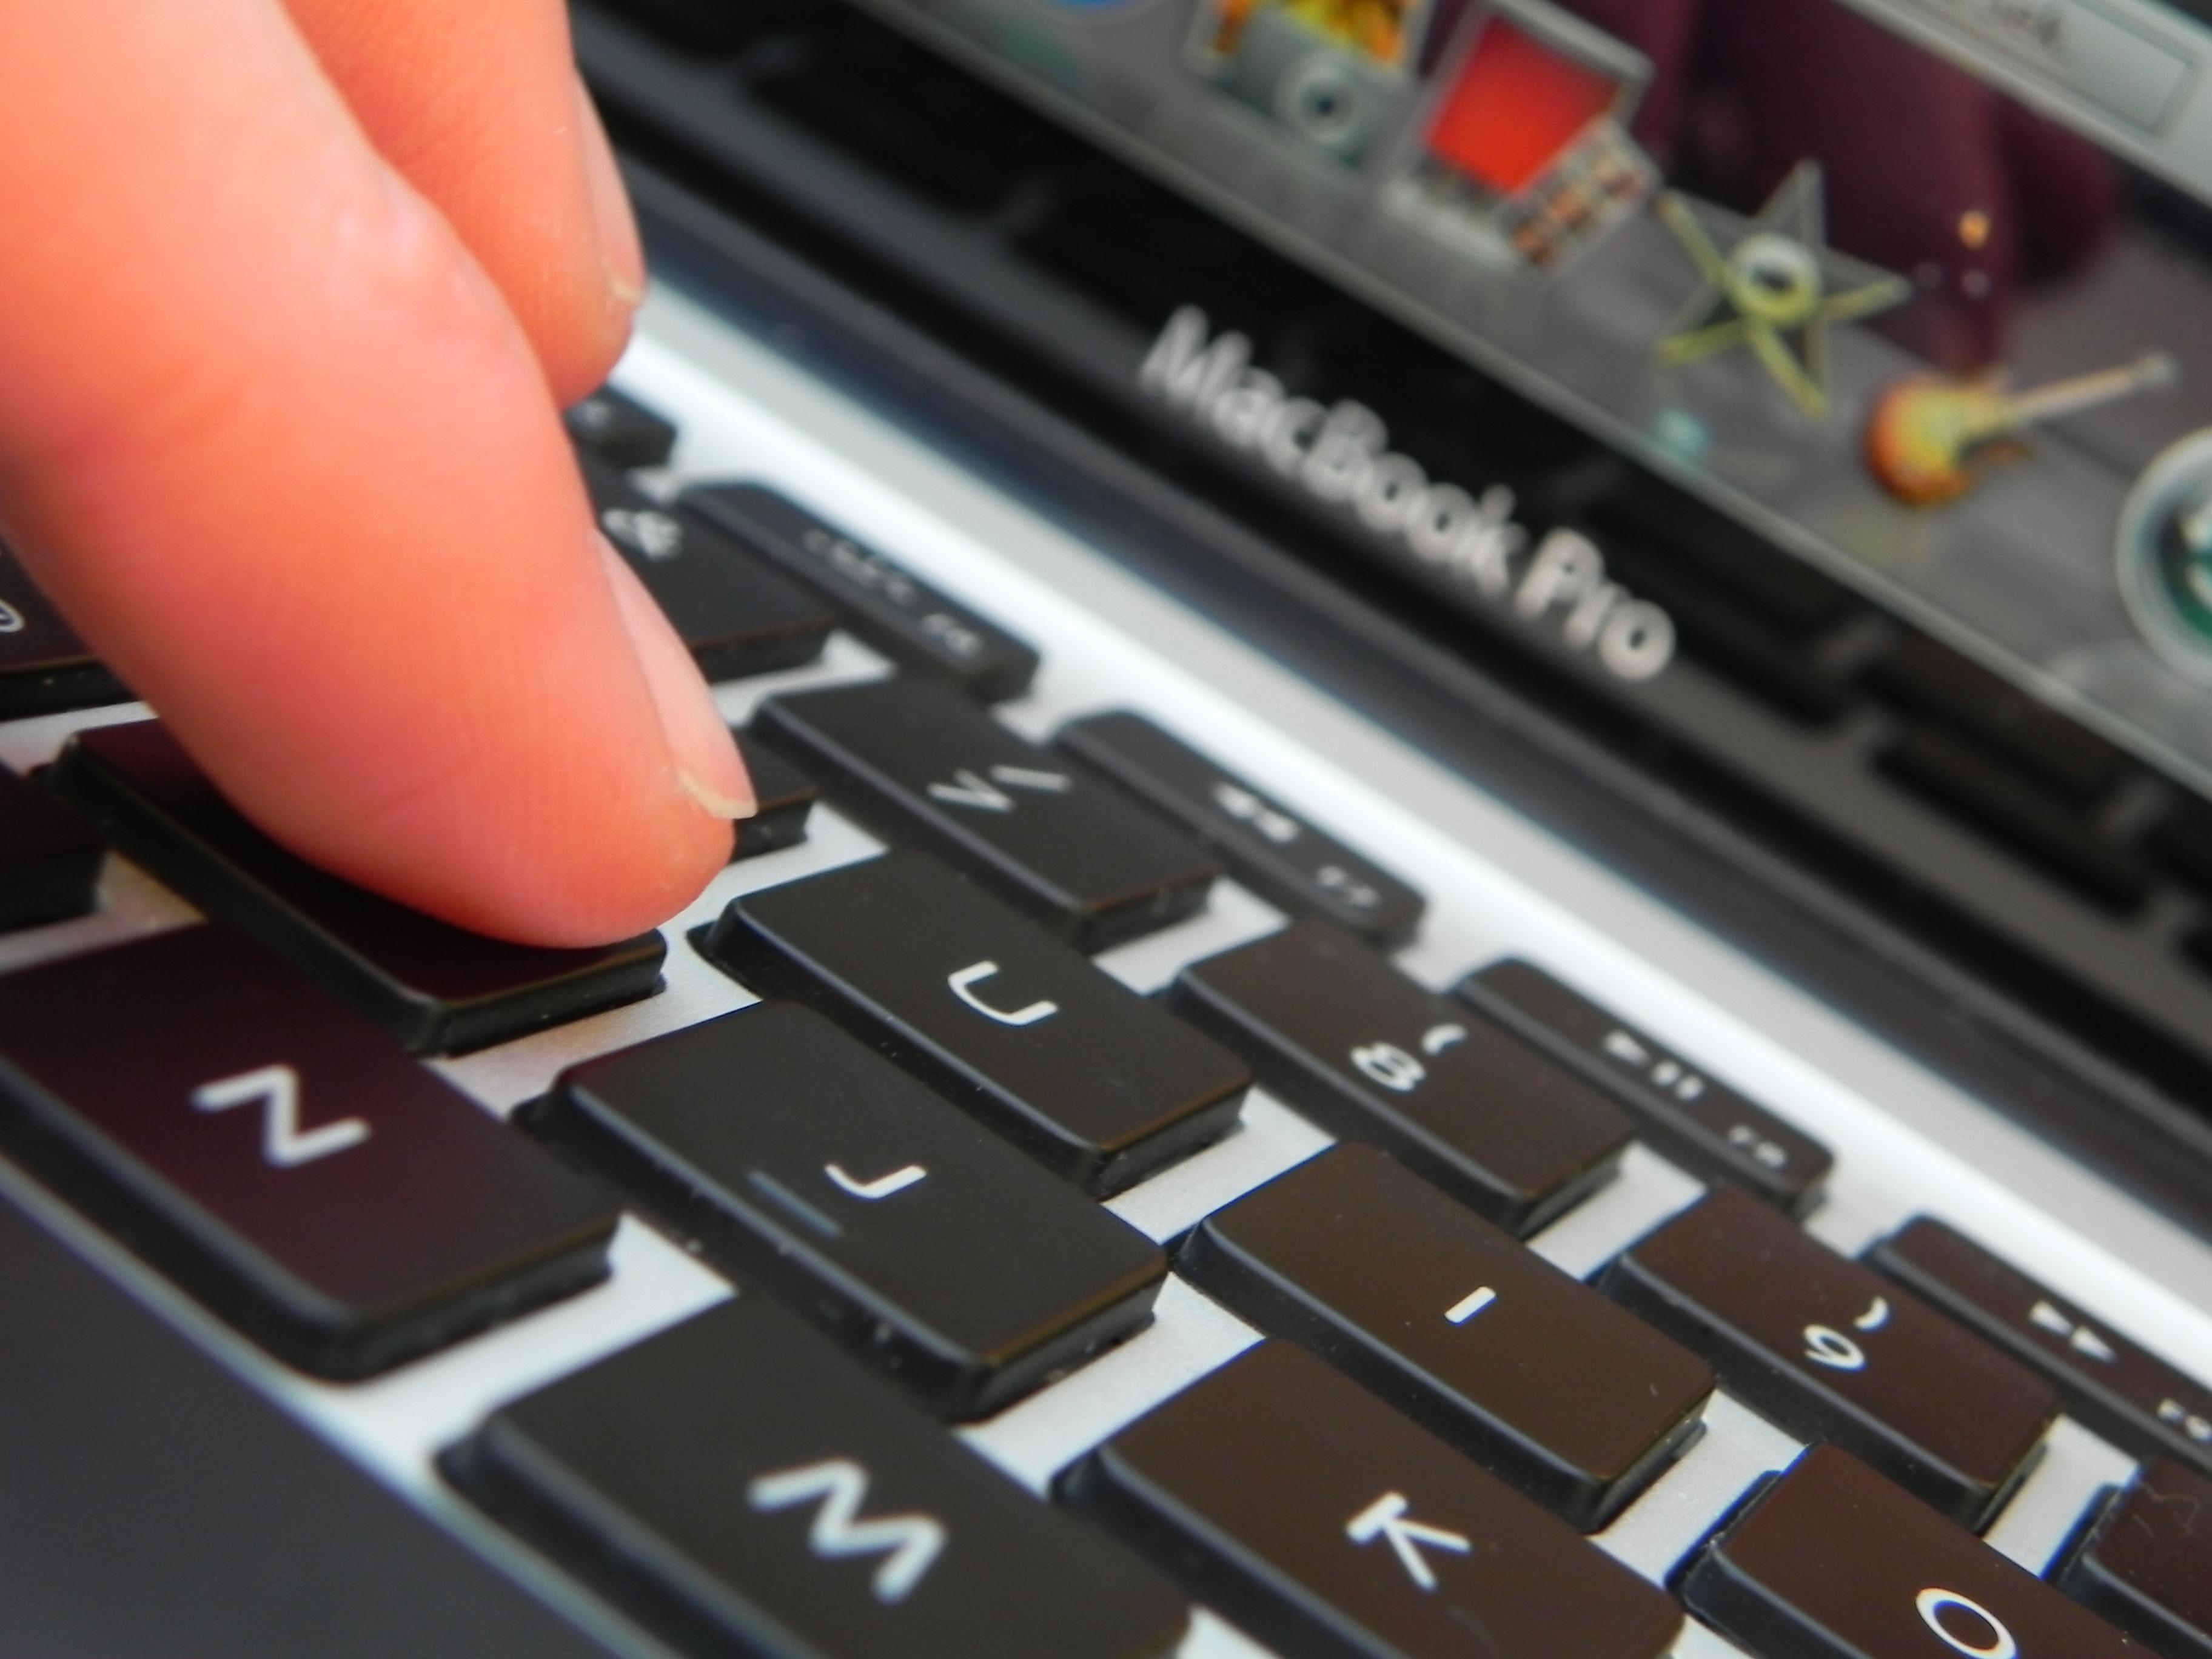 Common Reasons to Get a MacBook Repair